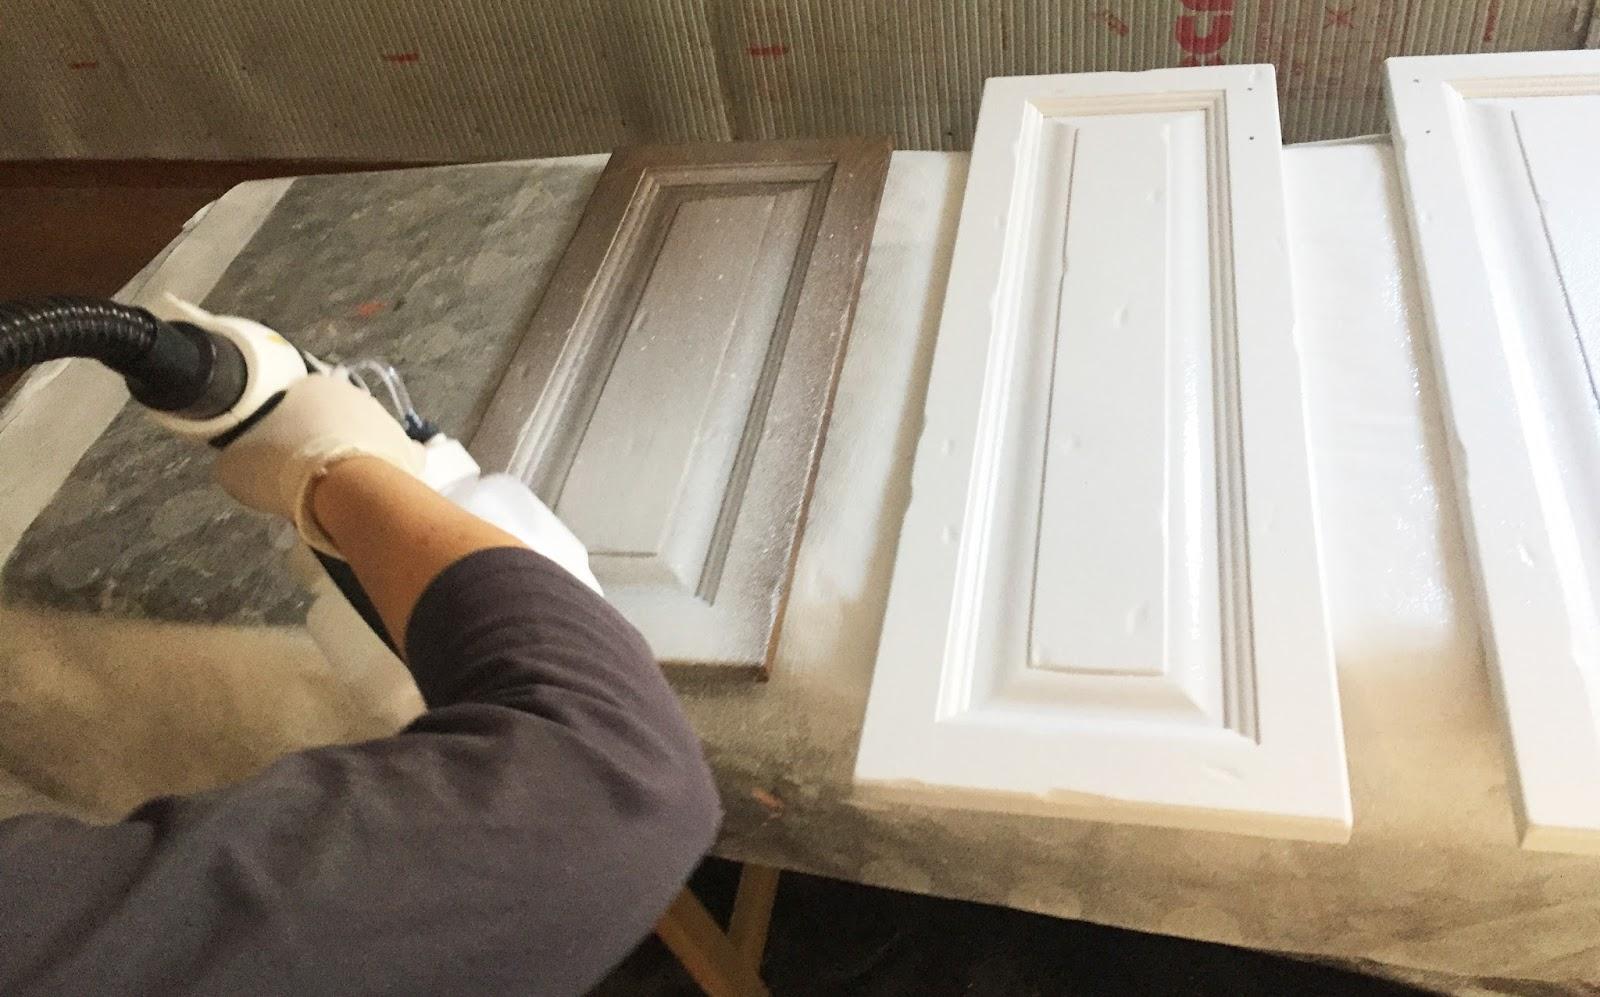 Pintar los muebles de la cocina el paso a paso blog de - Pintar muebles de cocina ...